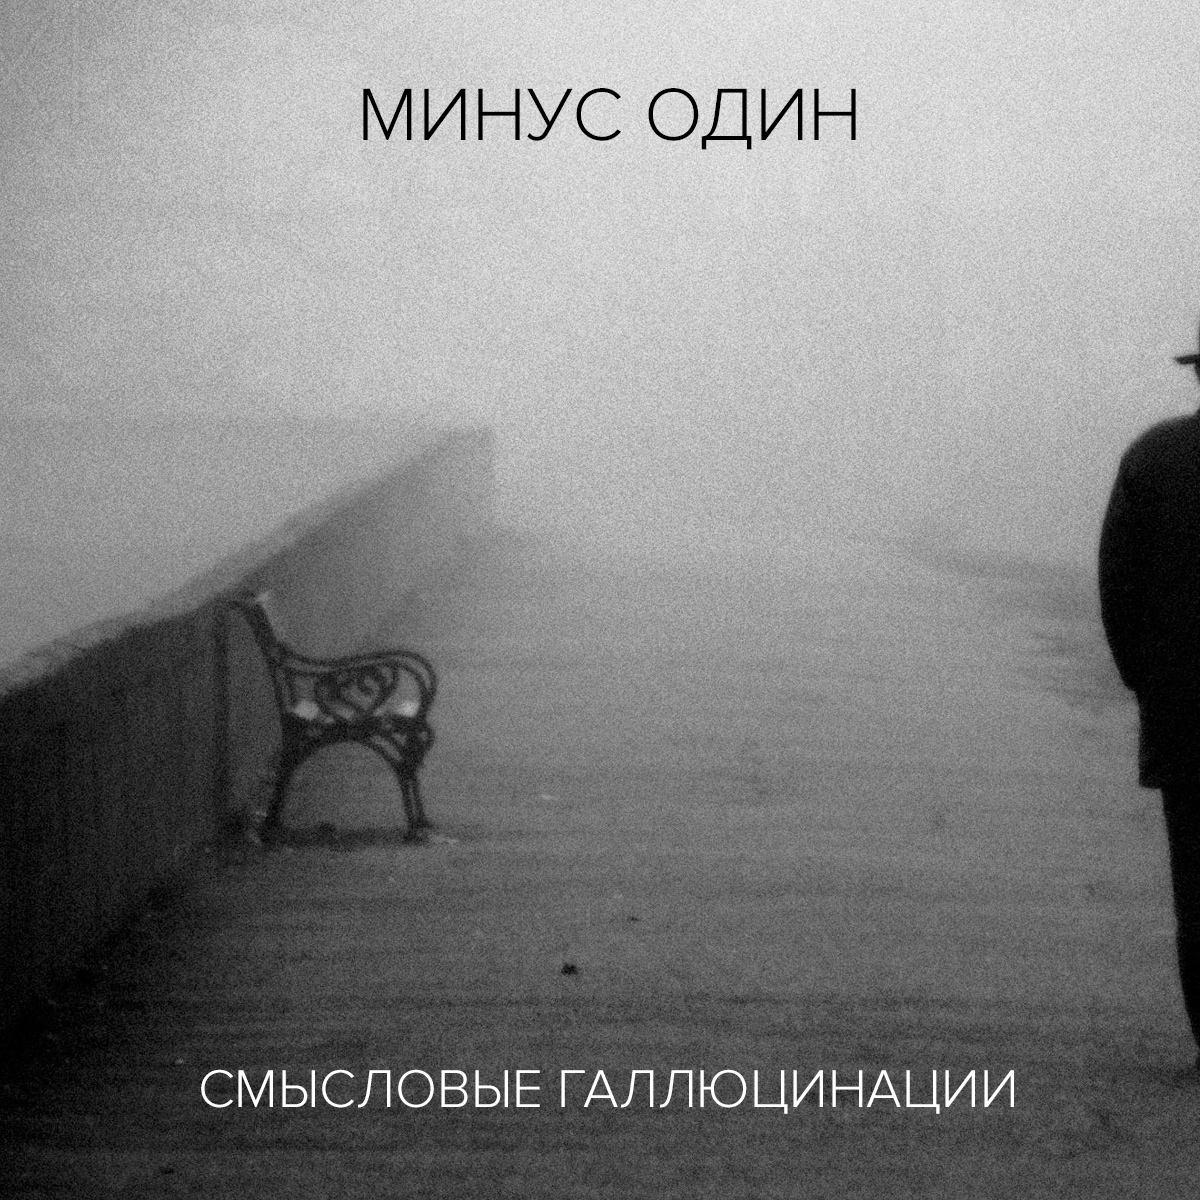 Смысловые галлюцинации выпустили инструментальный альбом